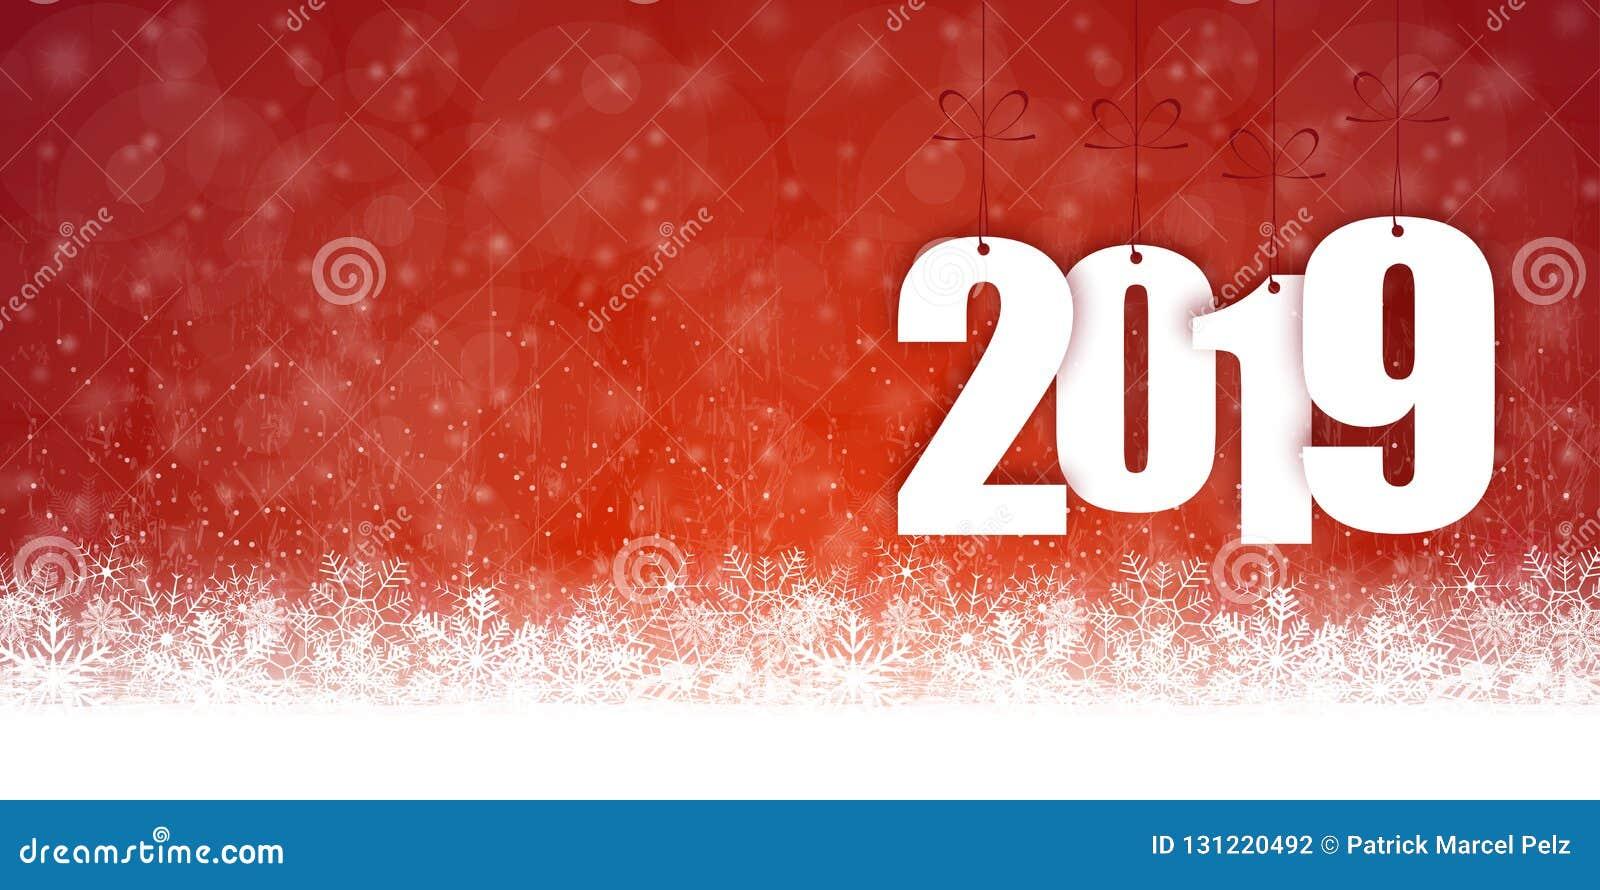 Fondo de la caída de la nieve por la Navidad y el Año Nuevo 2019